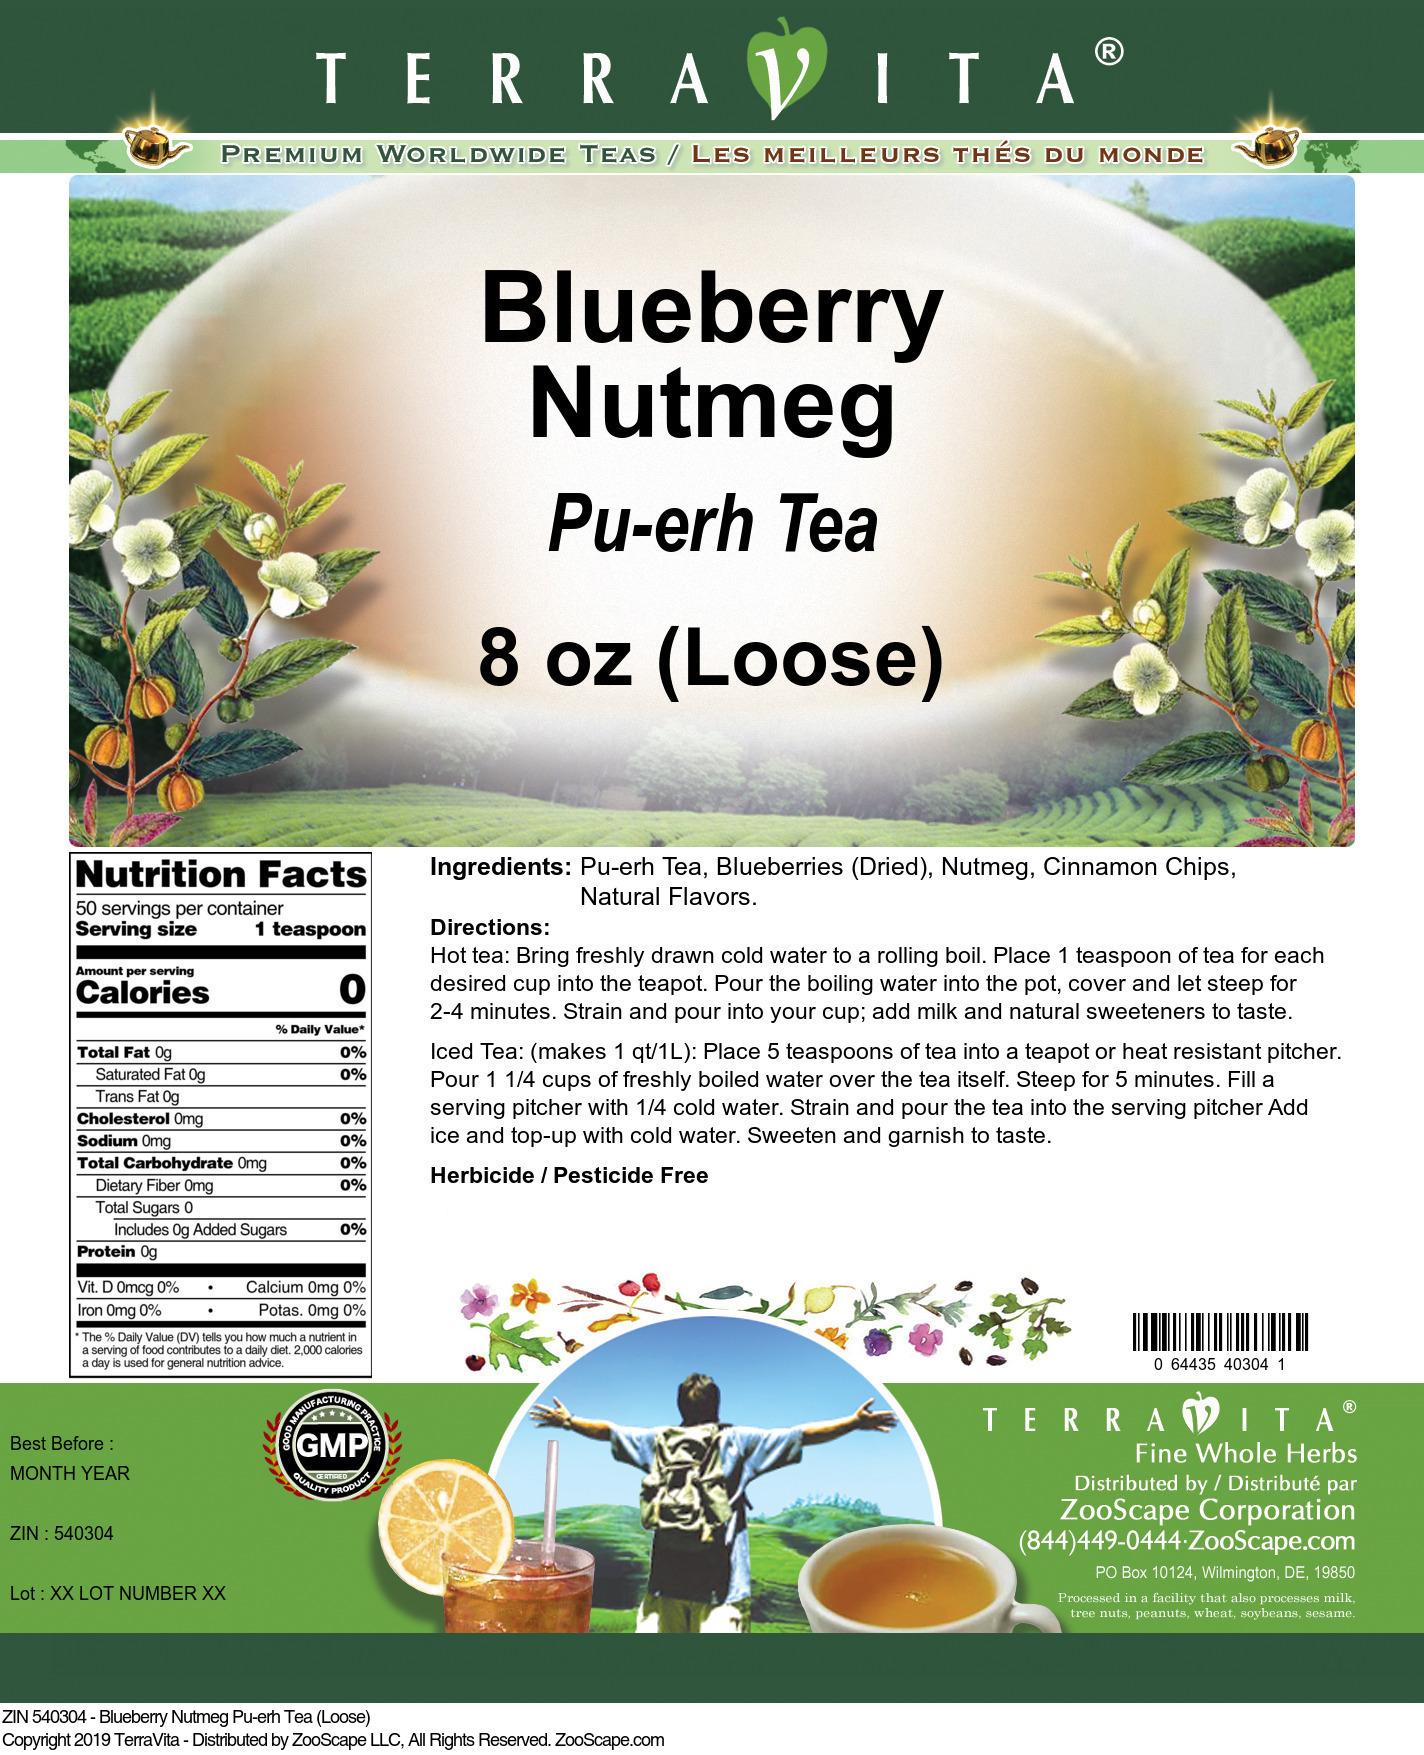 Blueberry Nutmeg Pu-erh Tea (Loose)